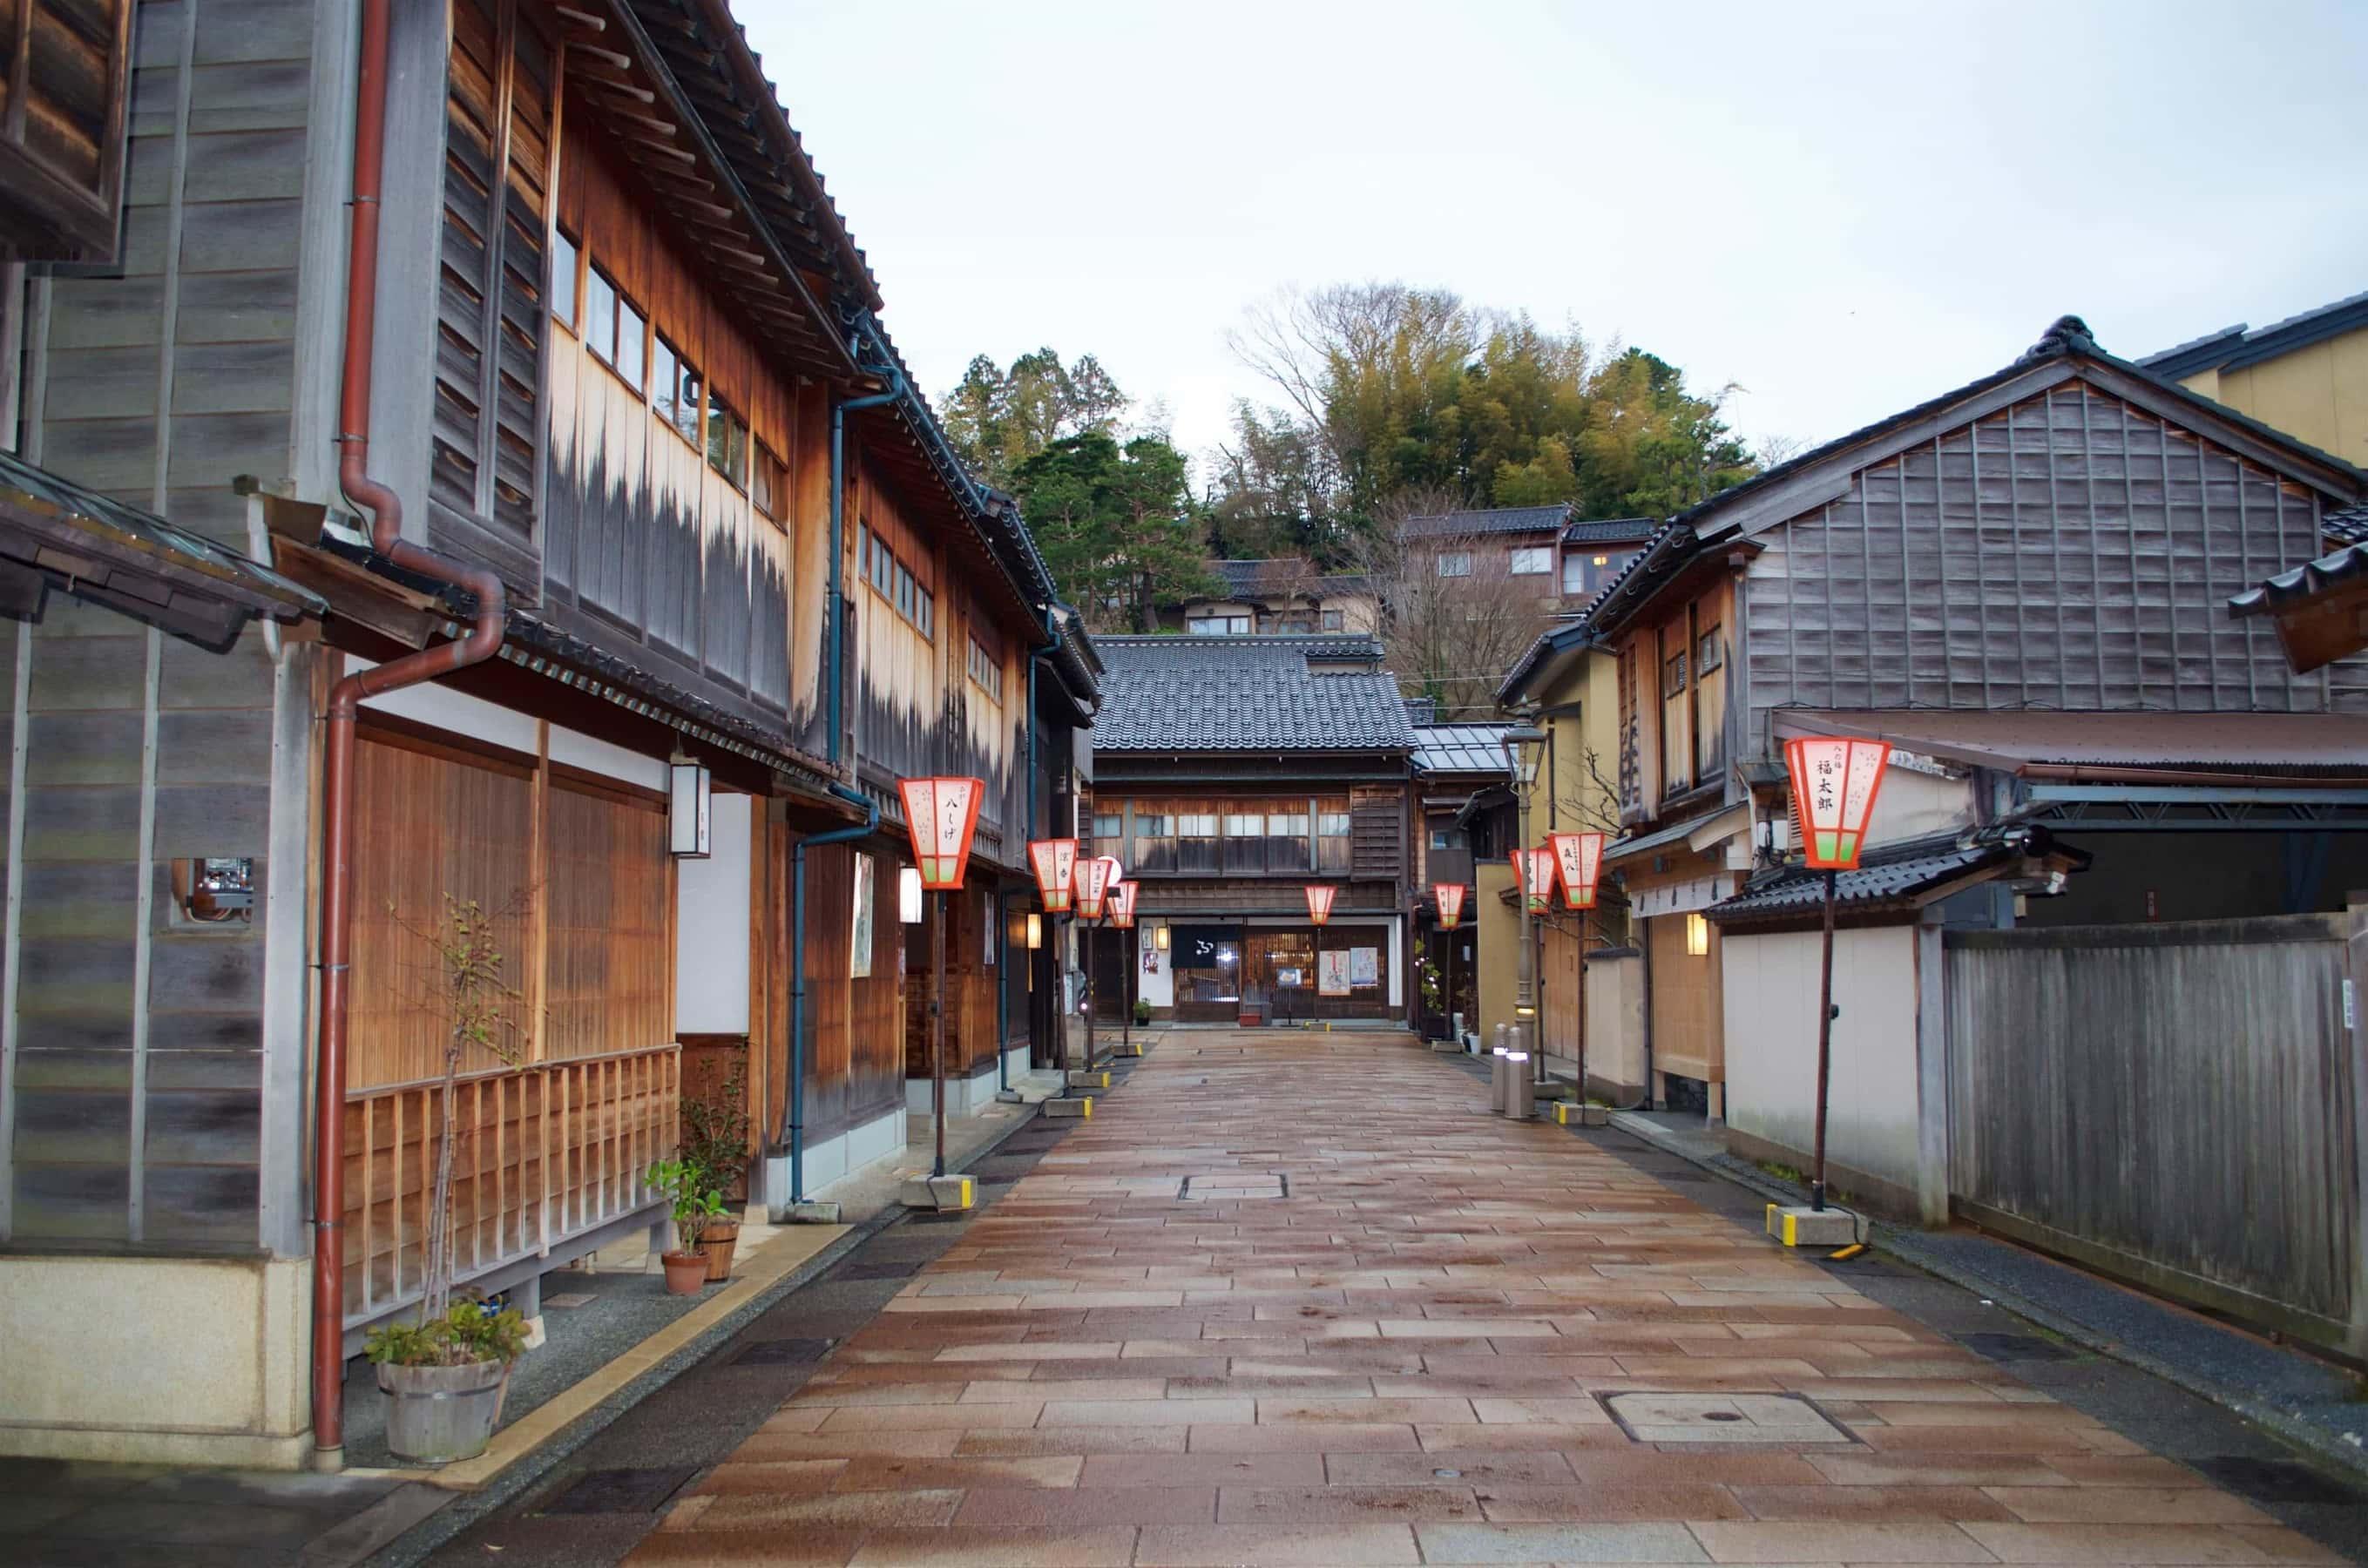 Higashi Chaya Districts in Kanazawa